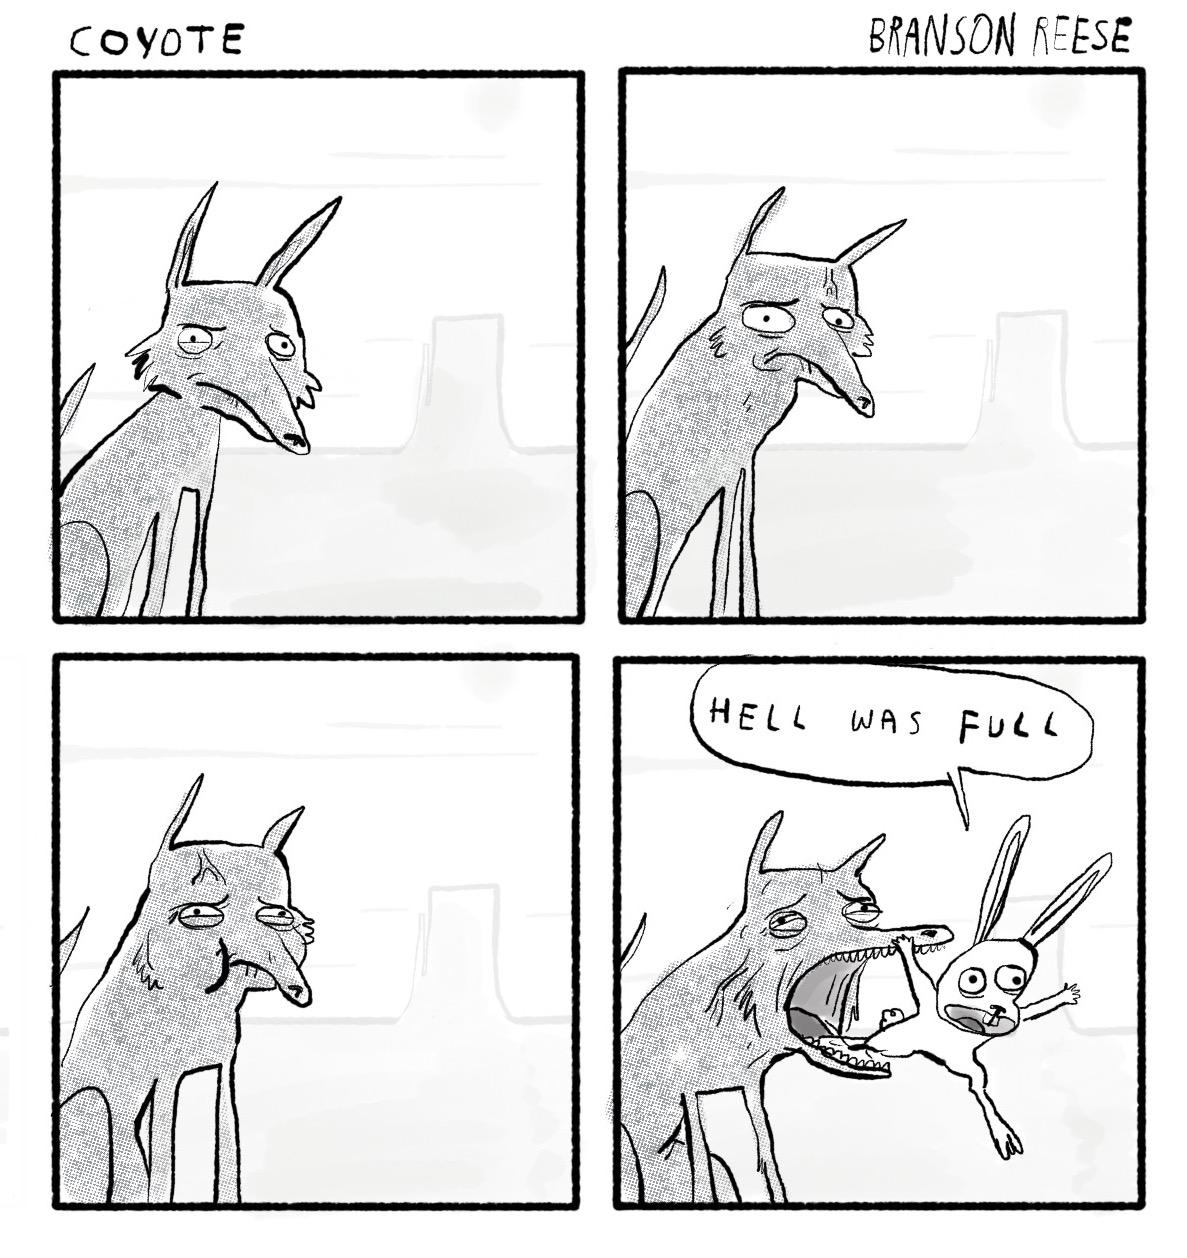 0177 coyote2.jpg